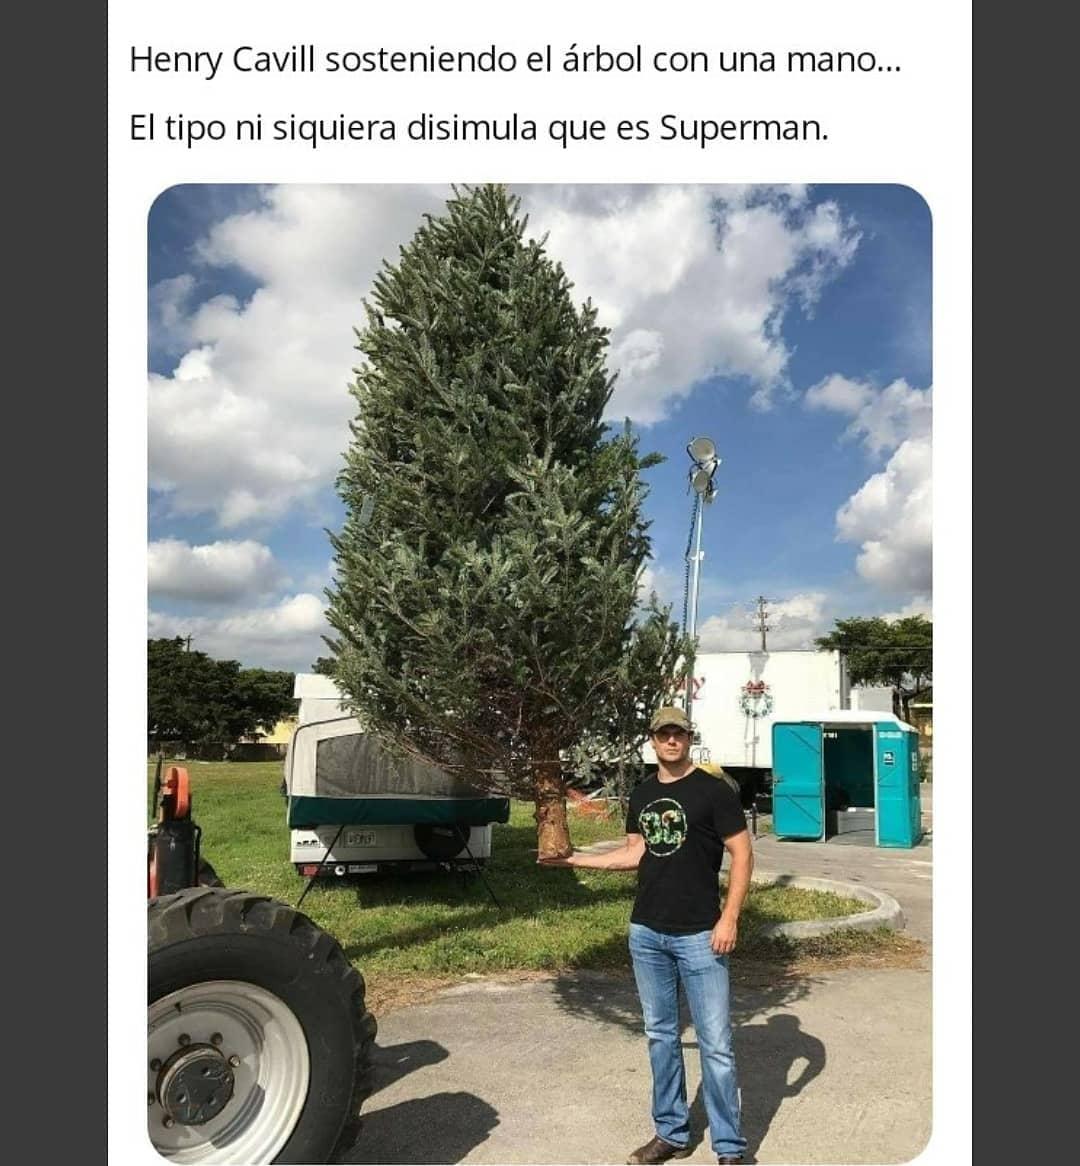 Henry Cavill sosteniendo el árbol con una mano... El tipo ni siquiera disimula que es Superman.